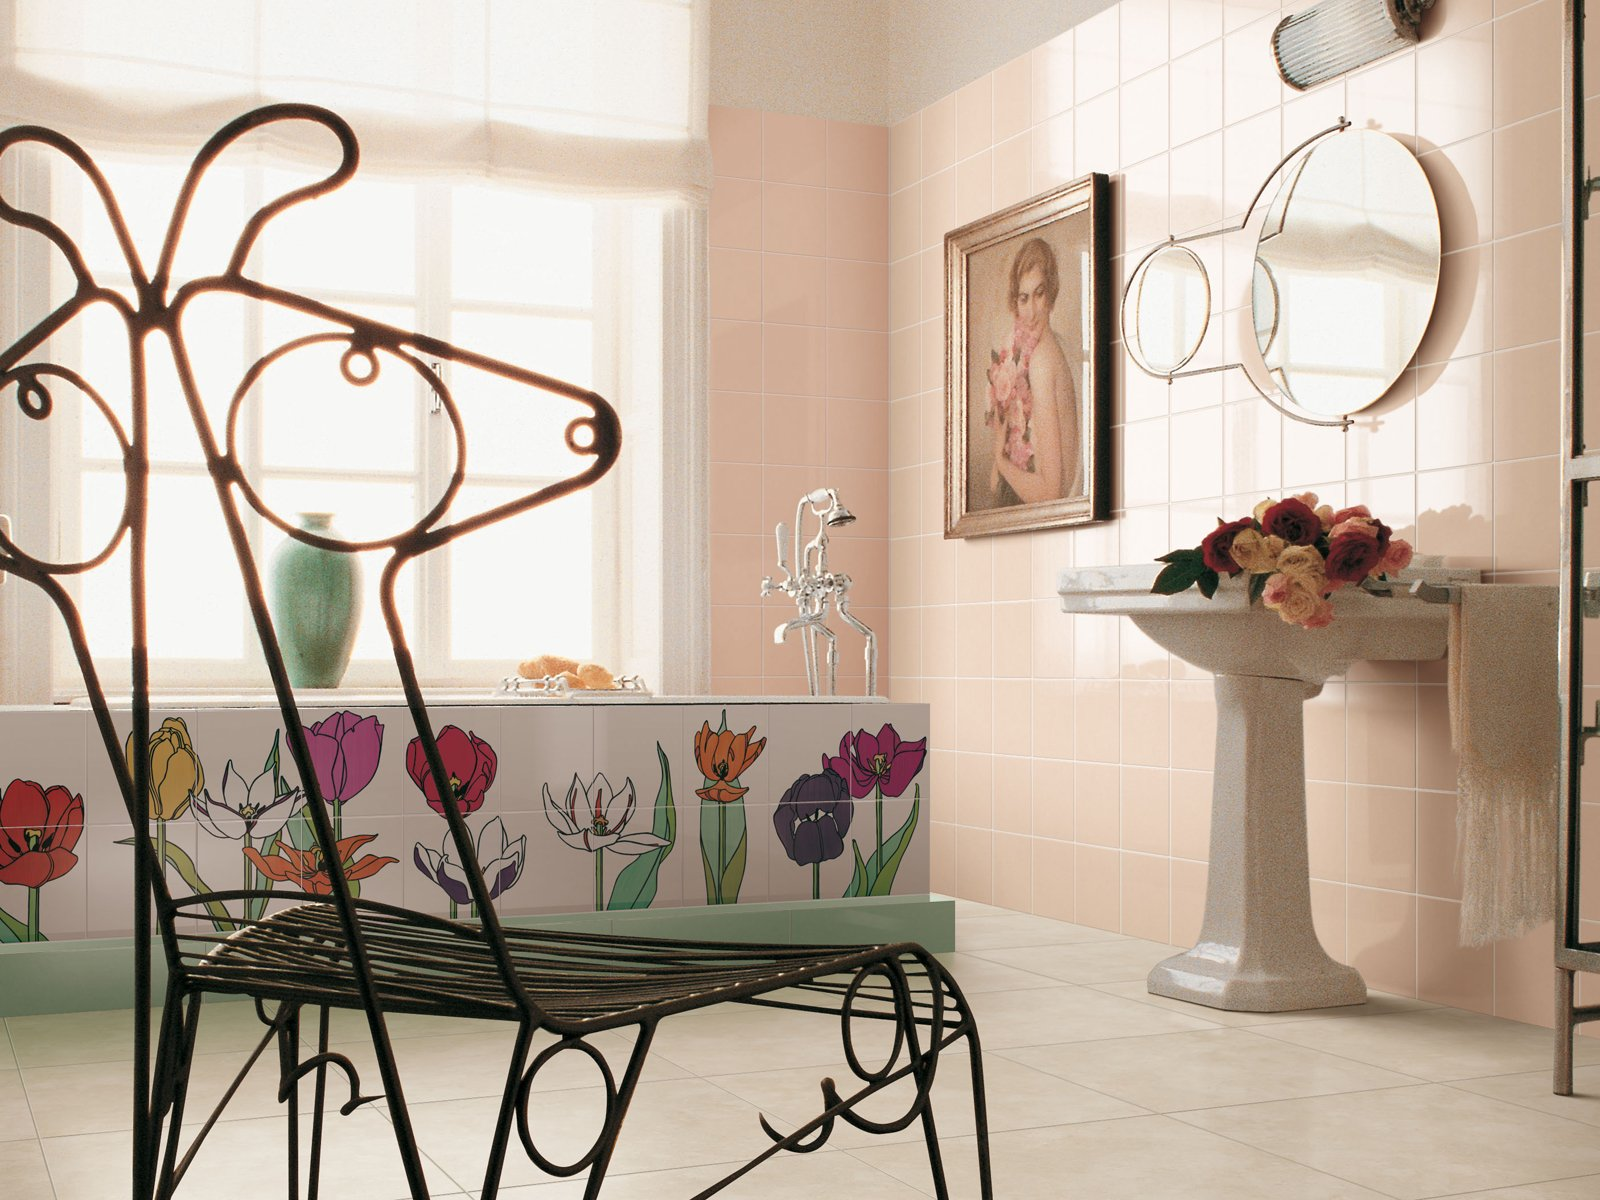 Ceramiche le piastrelle belle e durevoli cose di casa - Bardelli ceramiche bagno ...